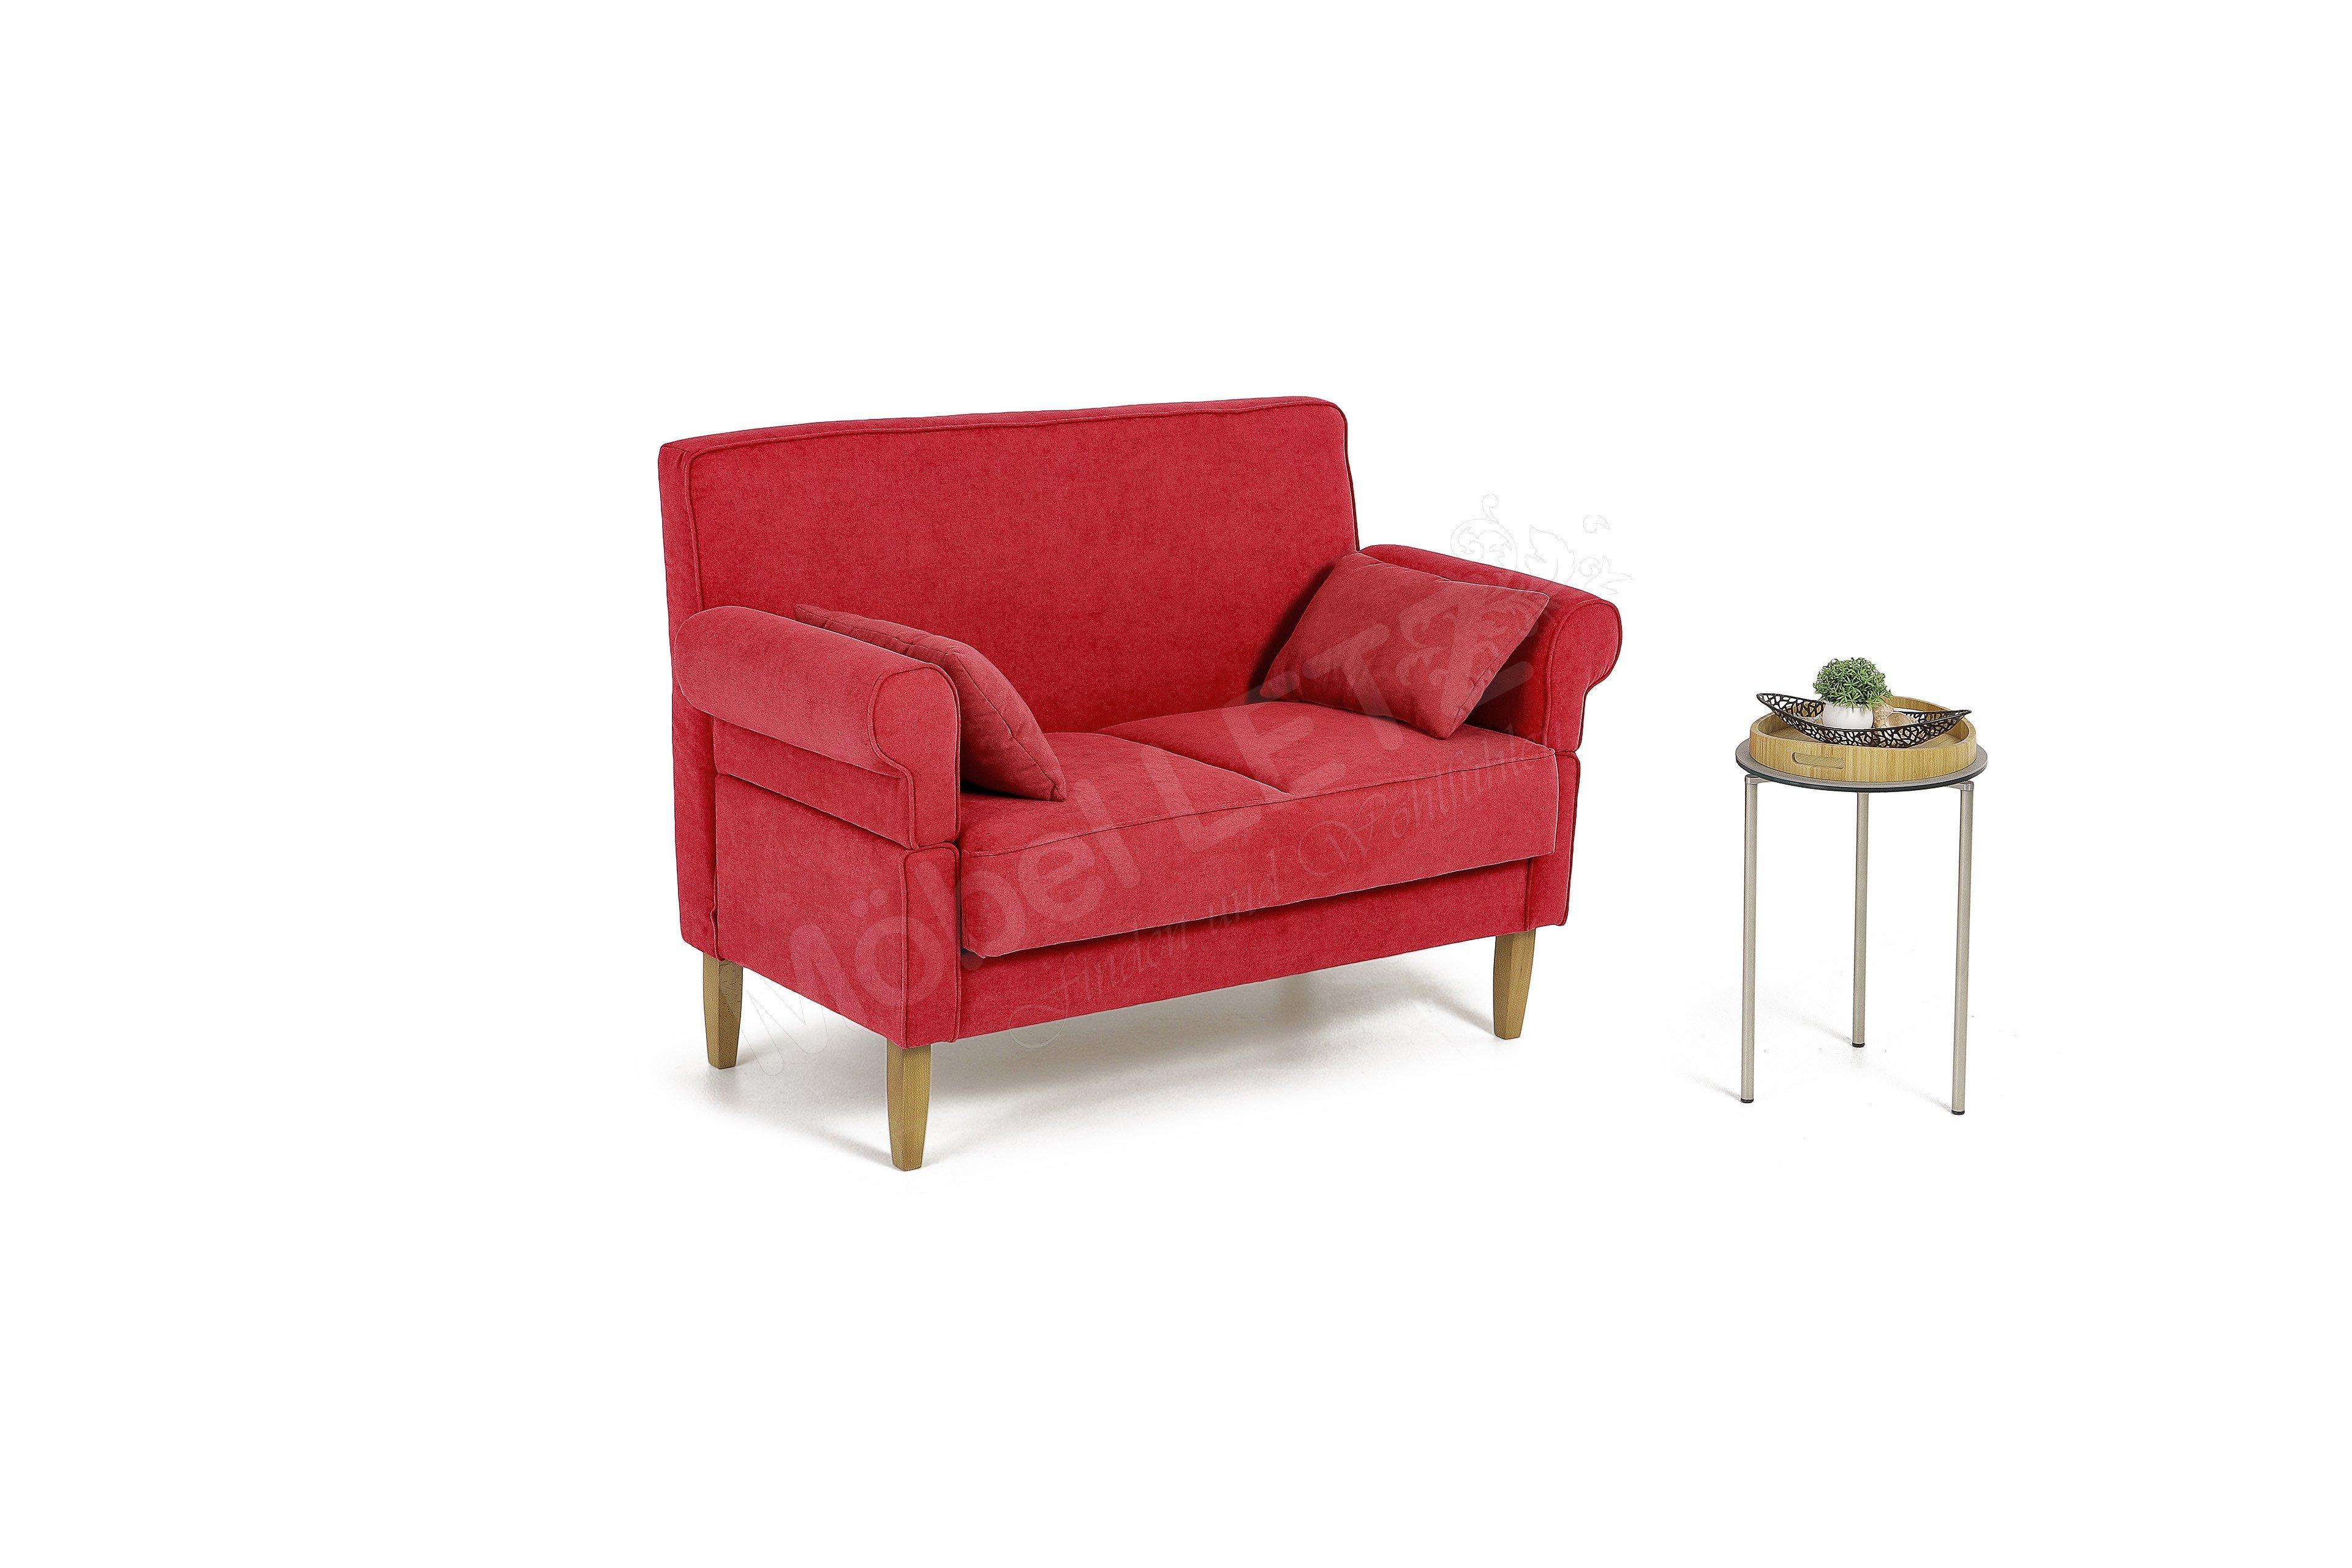 wohn gl ck lich tavola k chen sofa pink gr n anthrazit m bel letz ihr online shop. Black Bedroom Furniture Sets. Home Design Ideas